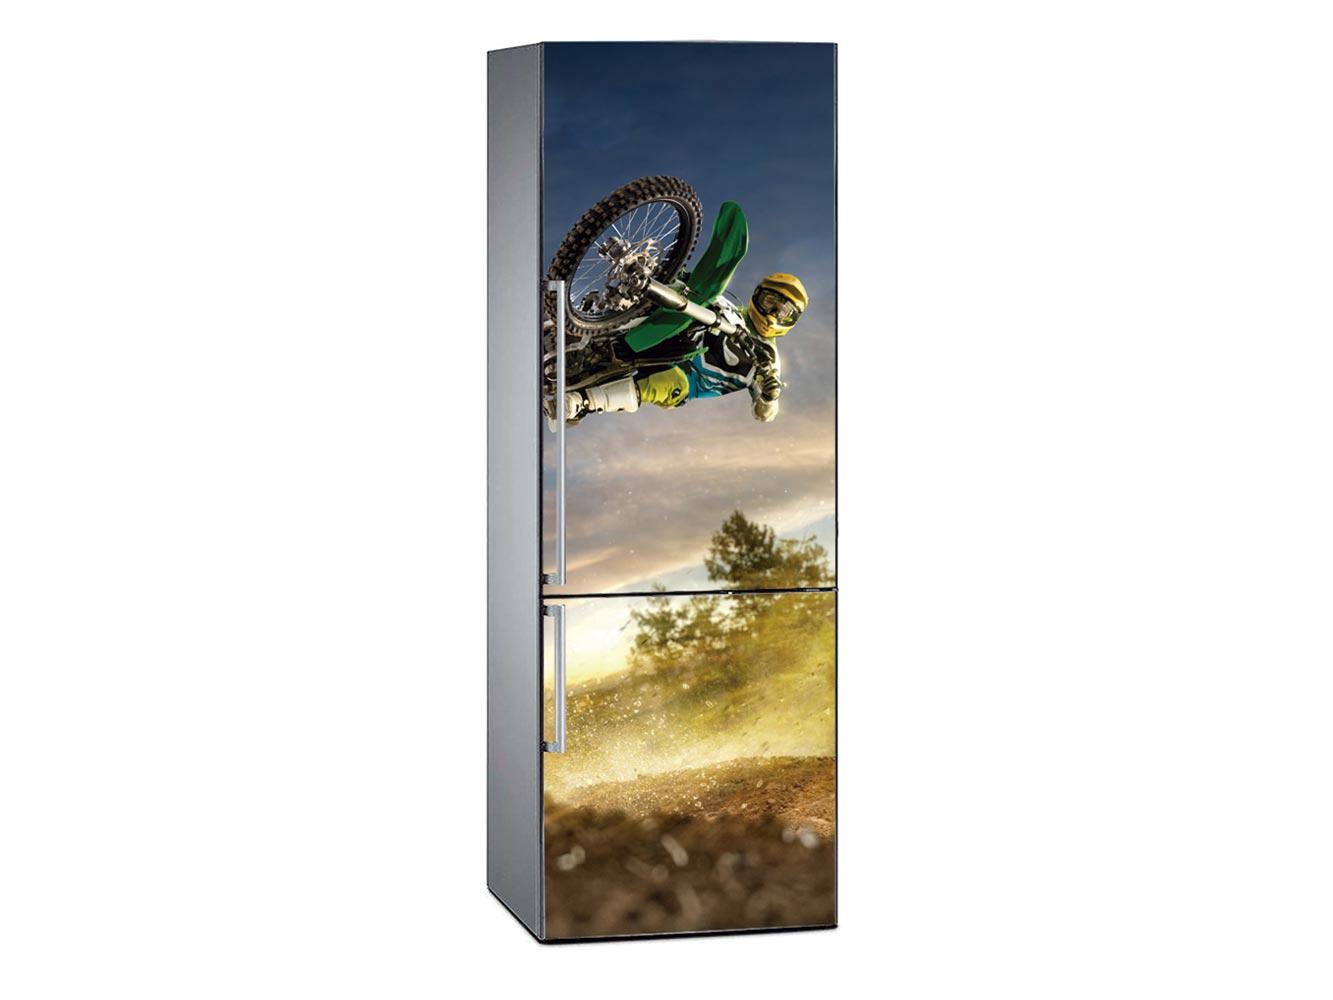 Vinilo Frigorífico Motocross Atardecer | Carteles XXL - Impresión carteleria publicitaria